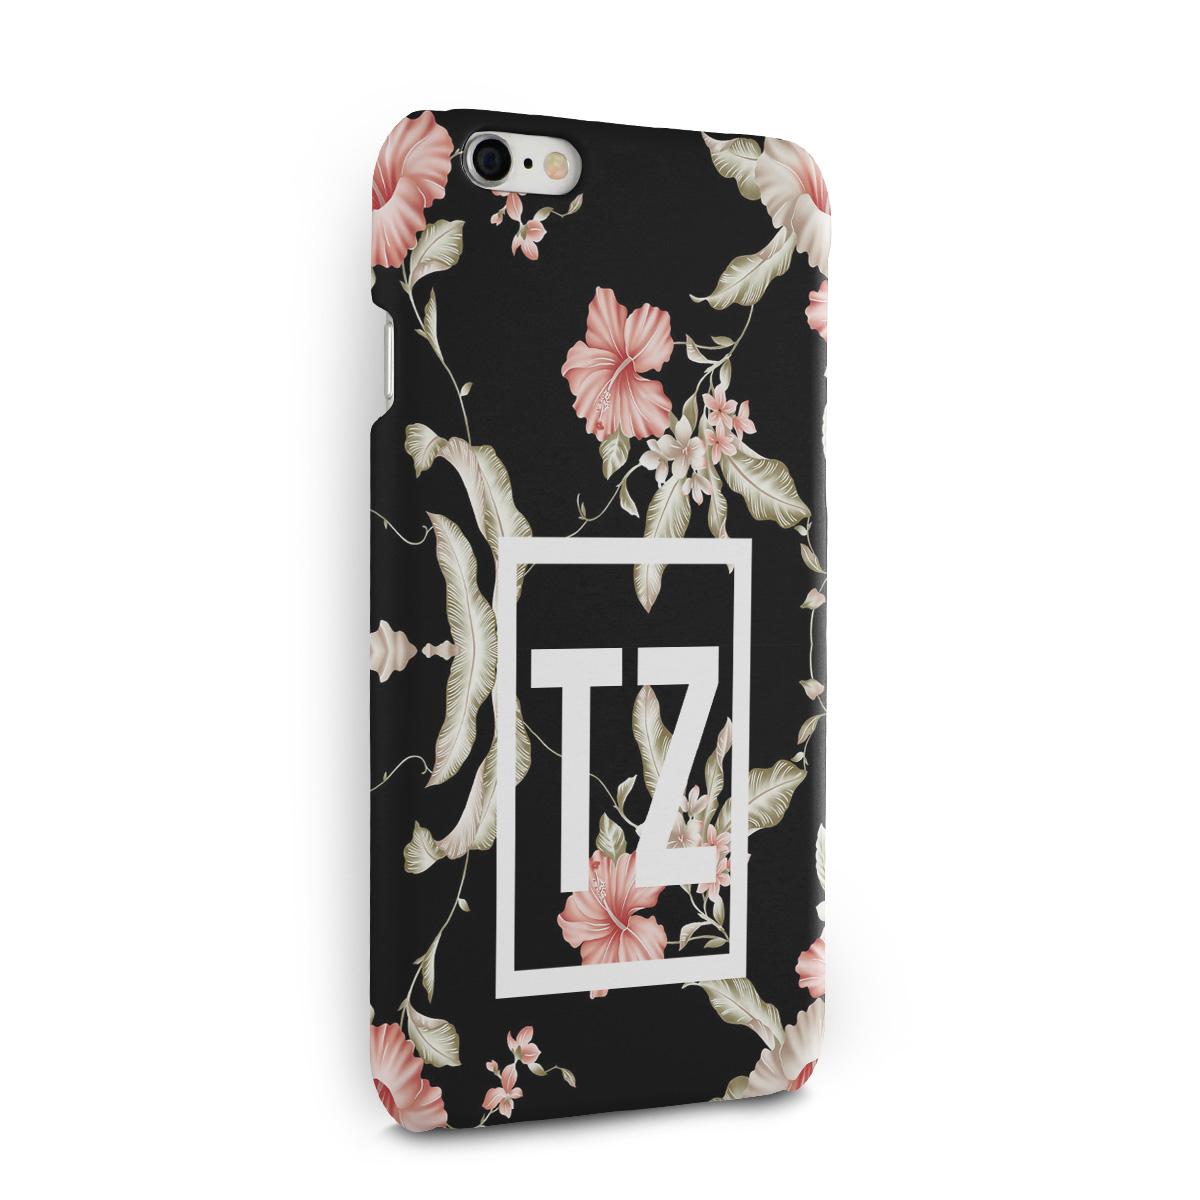 Capa para iPhone 6/6S MC Tati Zaqui Flowers